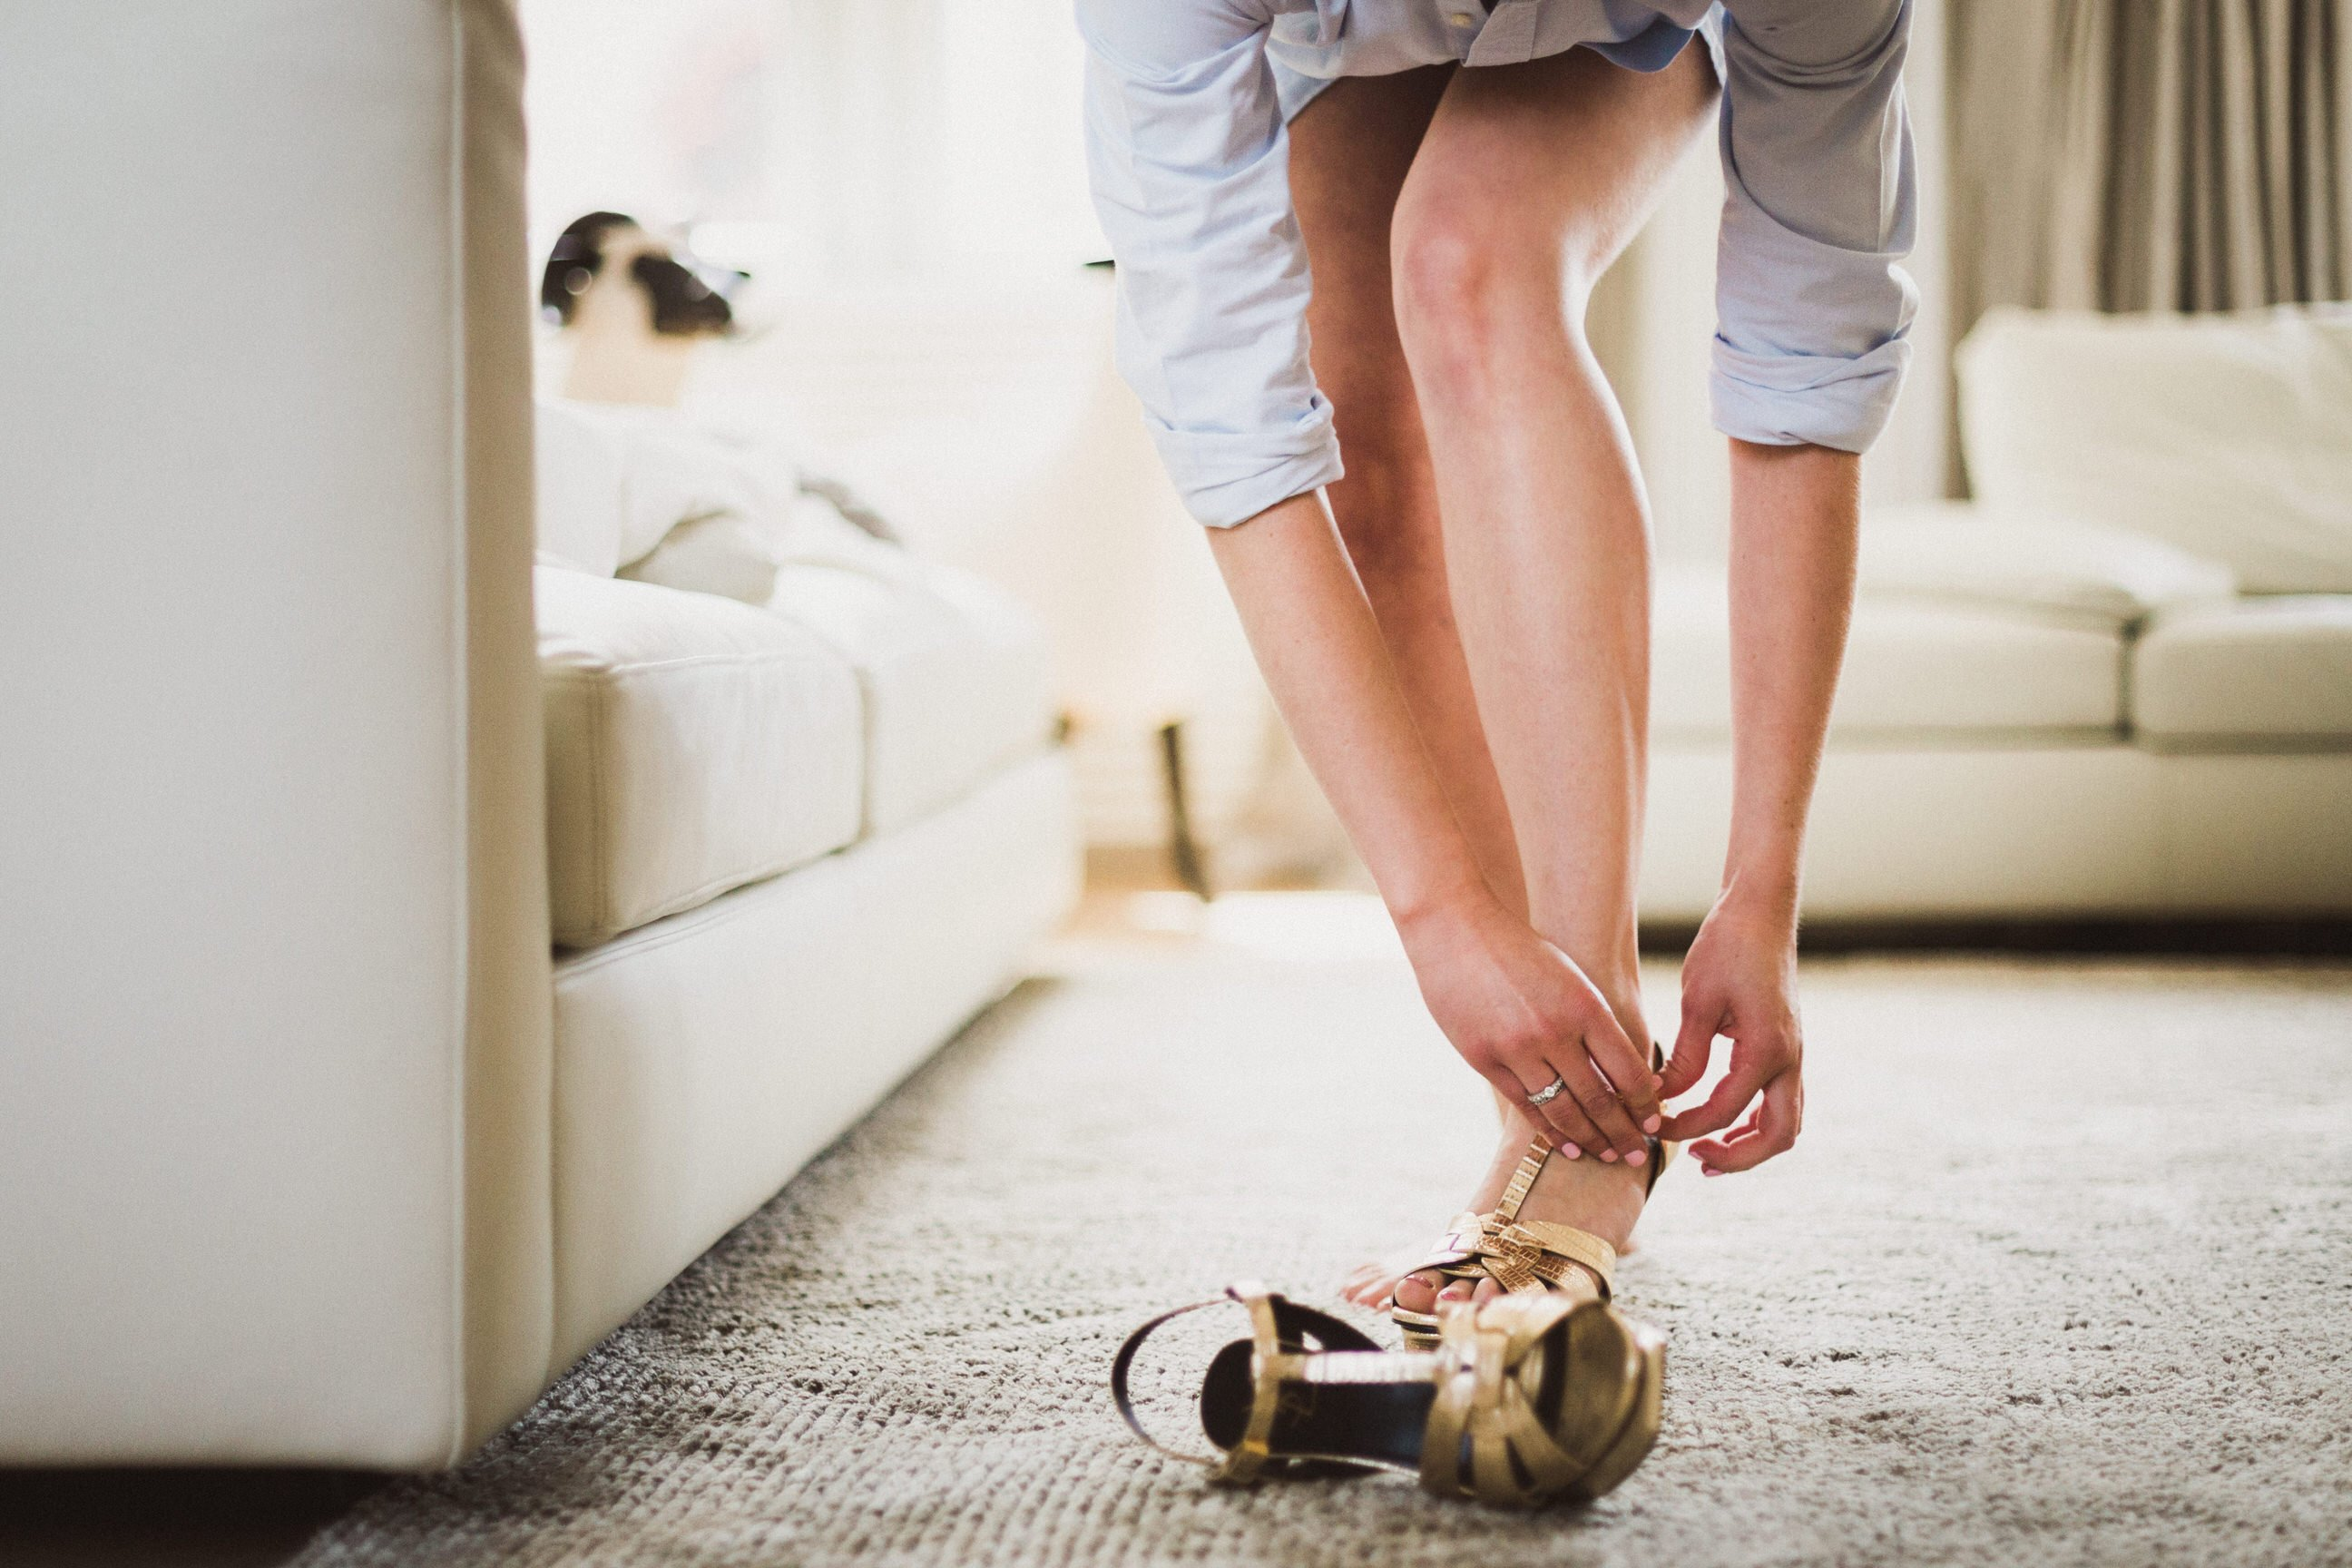 Sandales Yves Saint Laurent YSL gold préparatifs, jambes sublimes